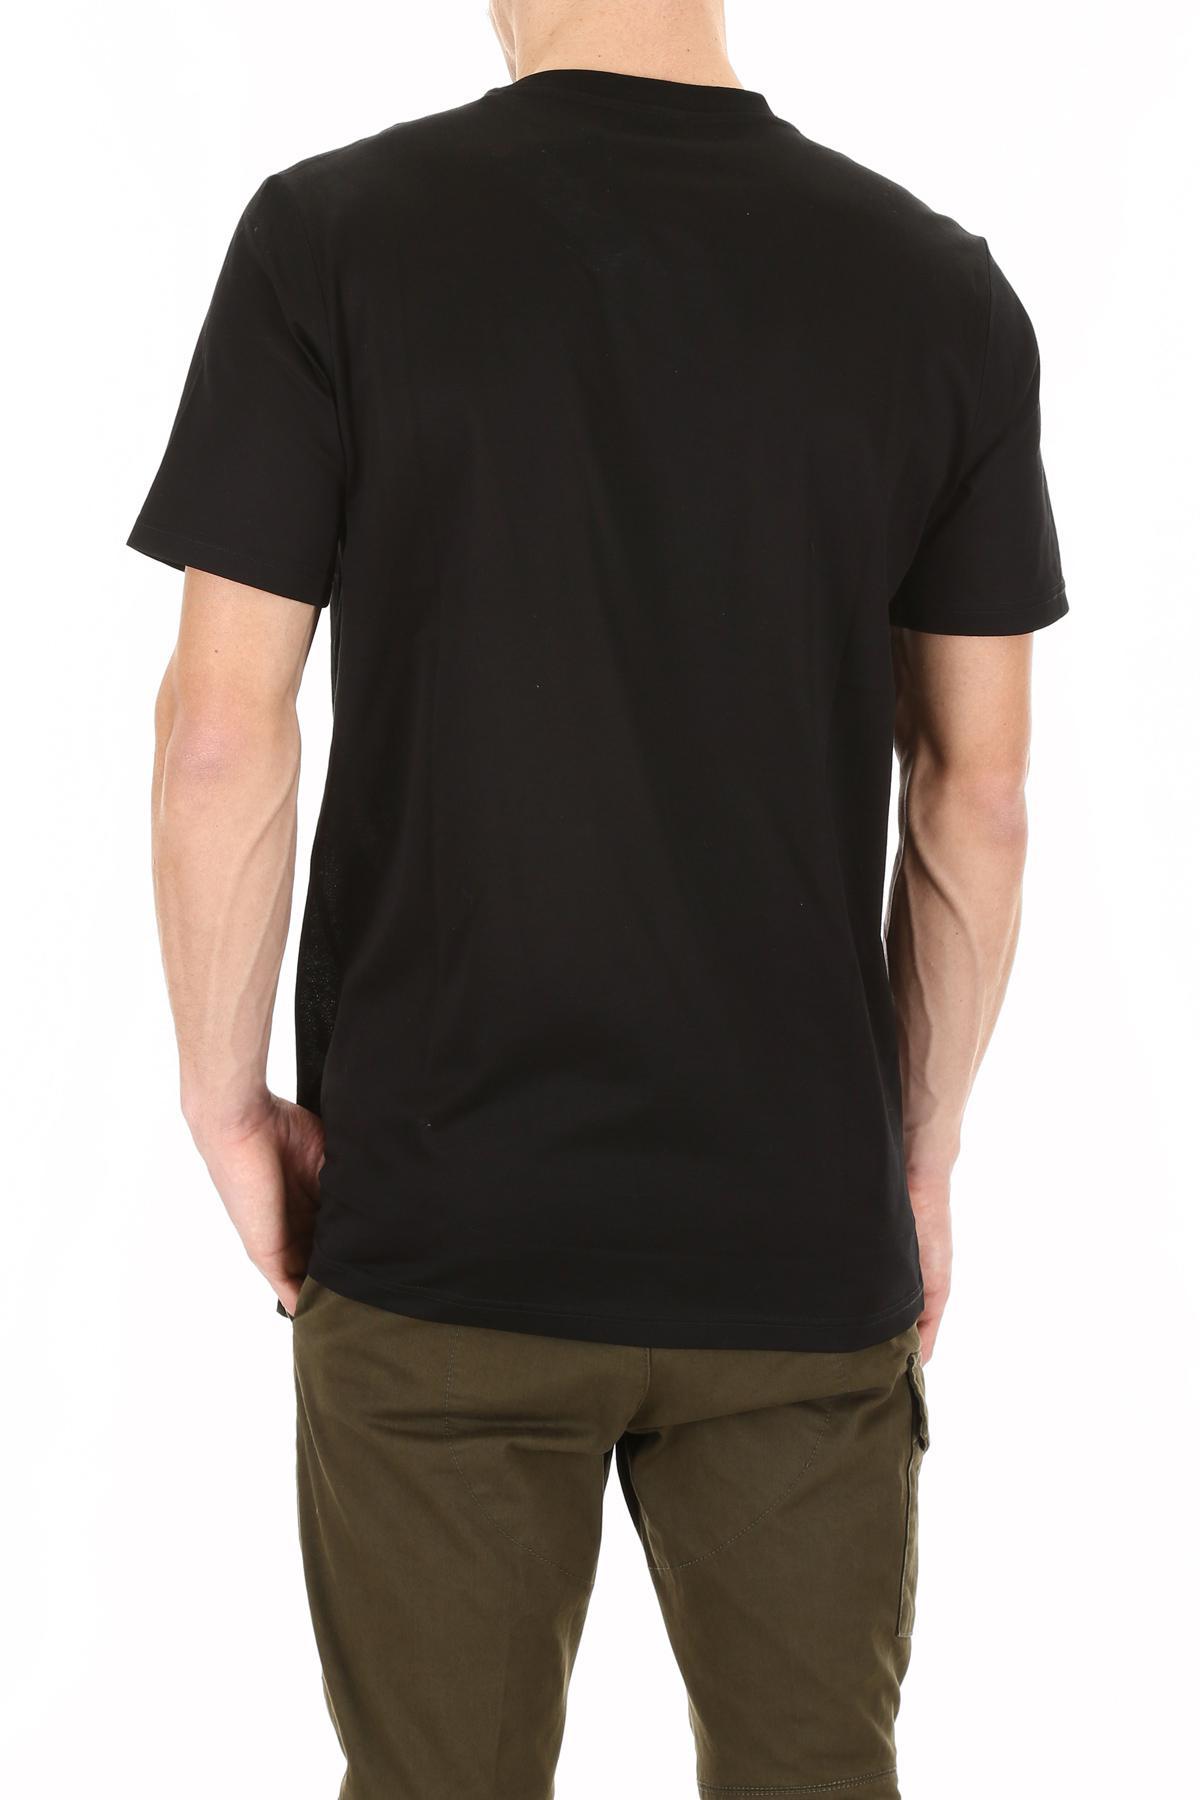 b4778c253d5 Lanvin Black Tourist Landscape T-shirt for men